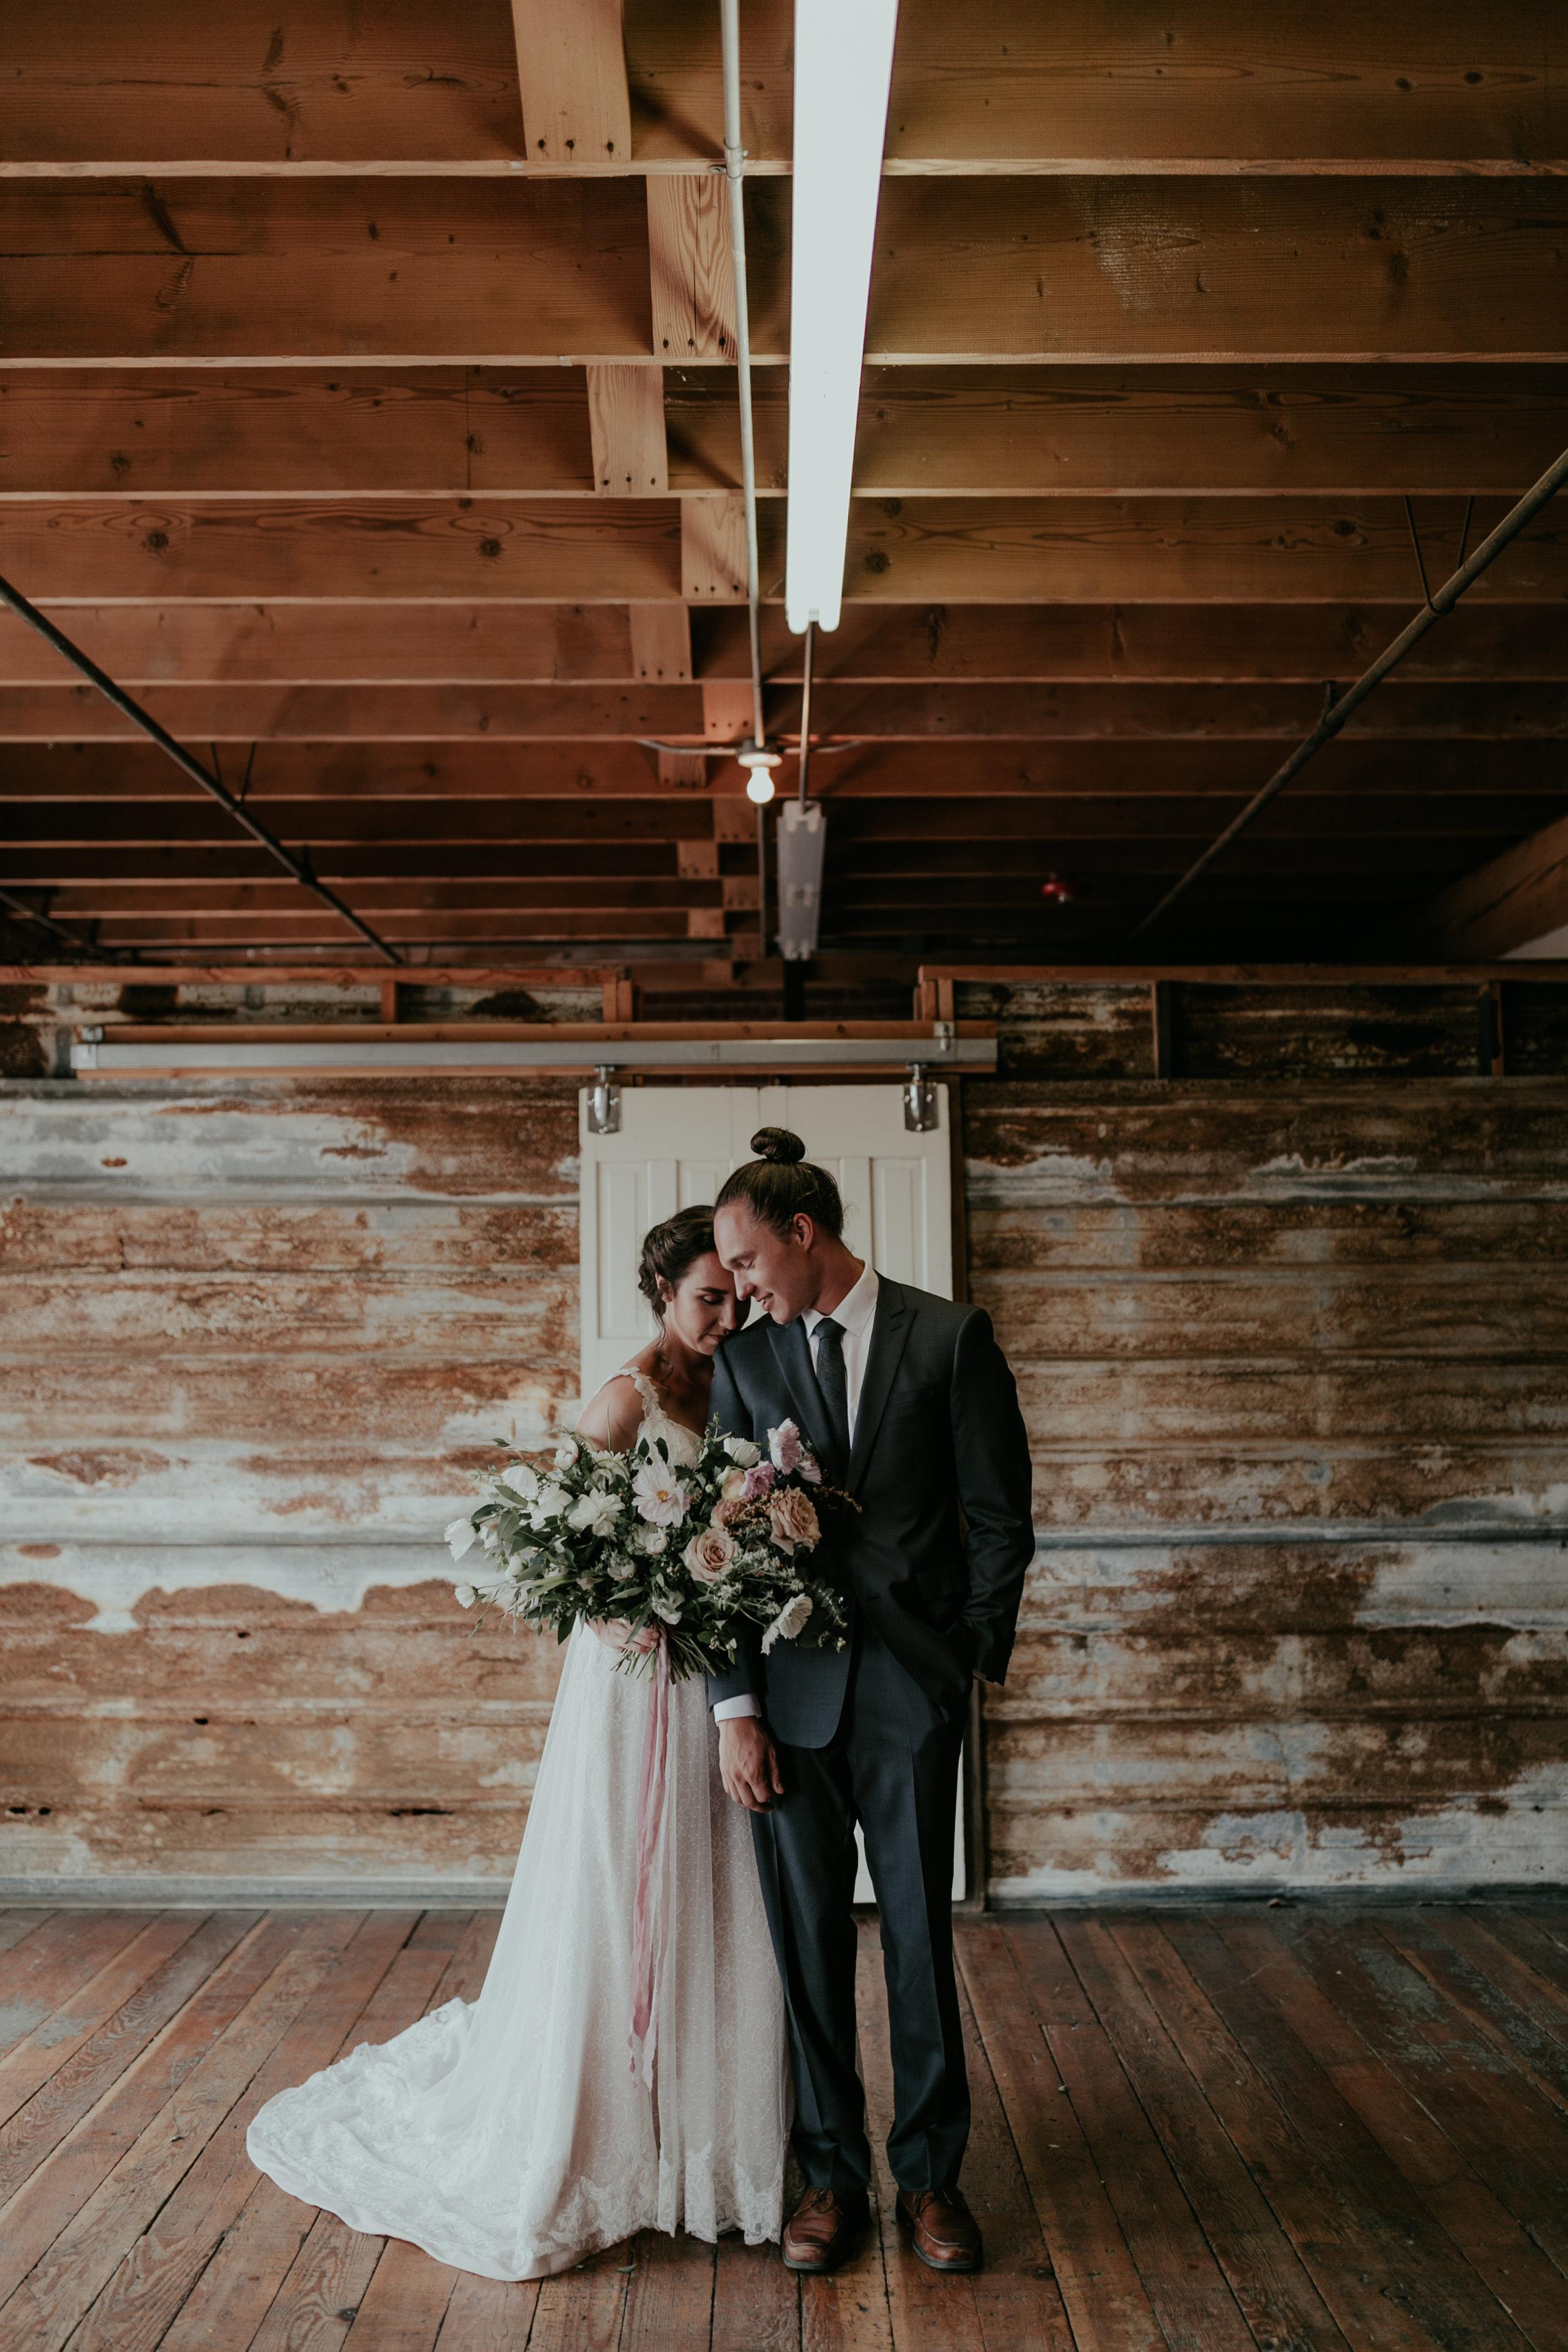 corrie_josiah_wedding-93.jpg